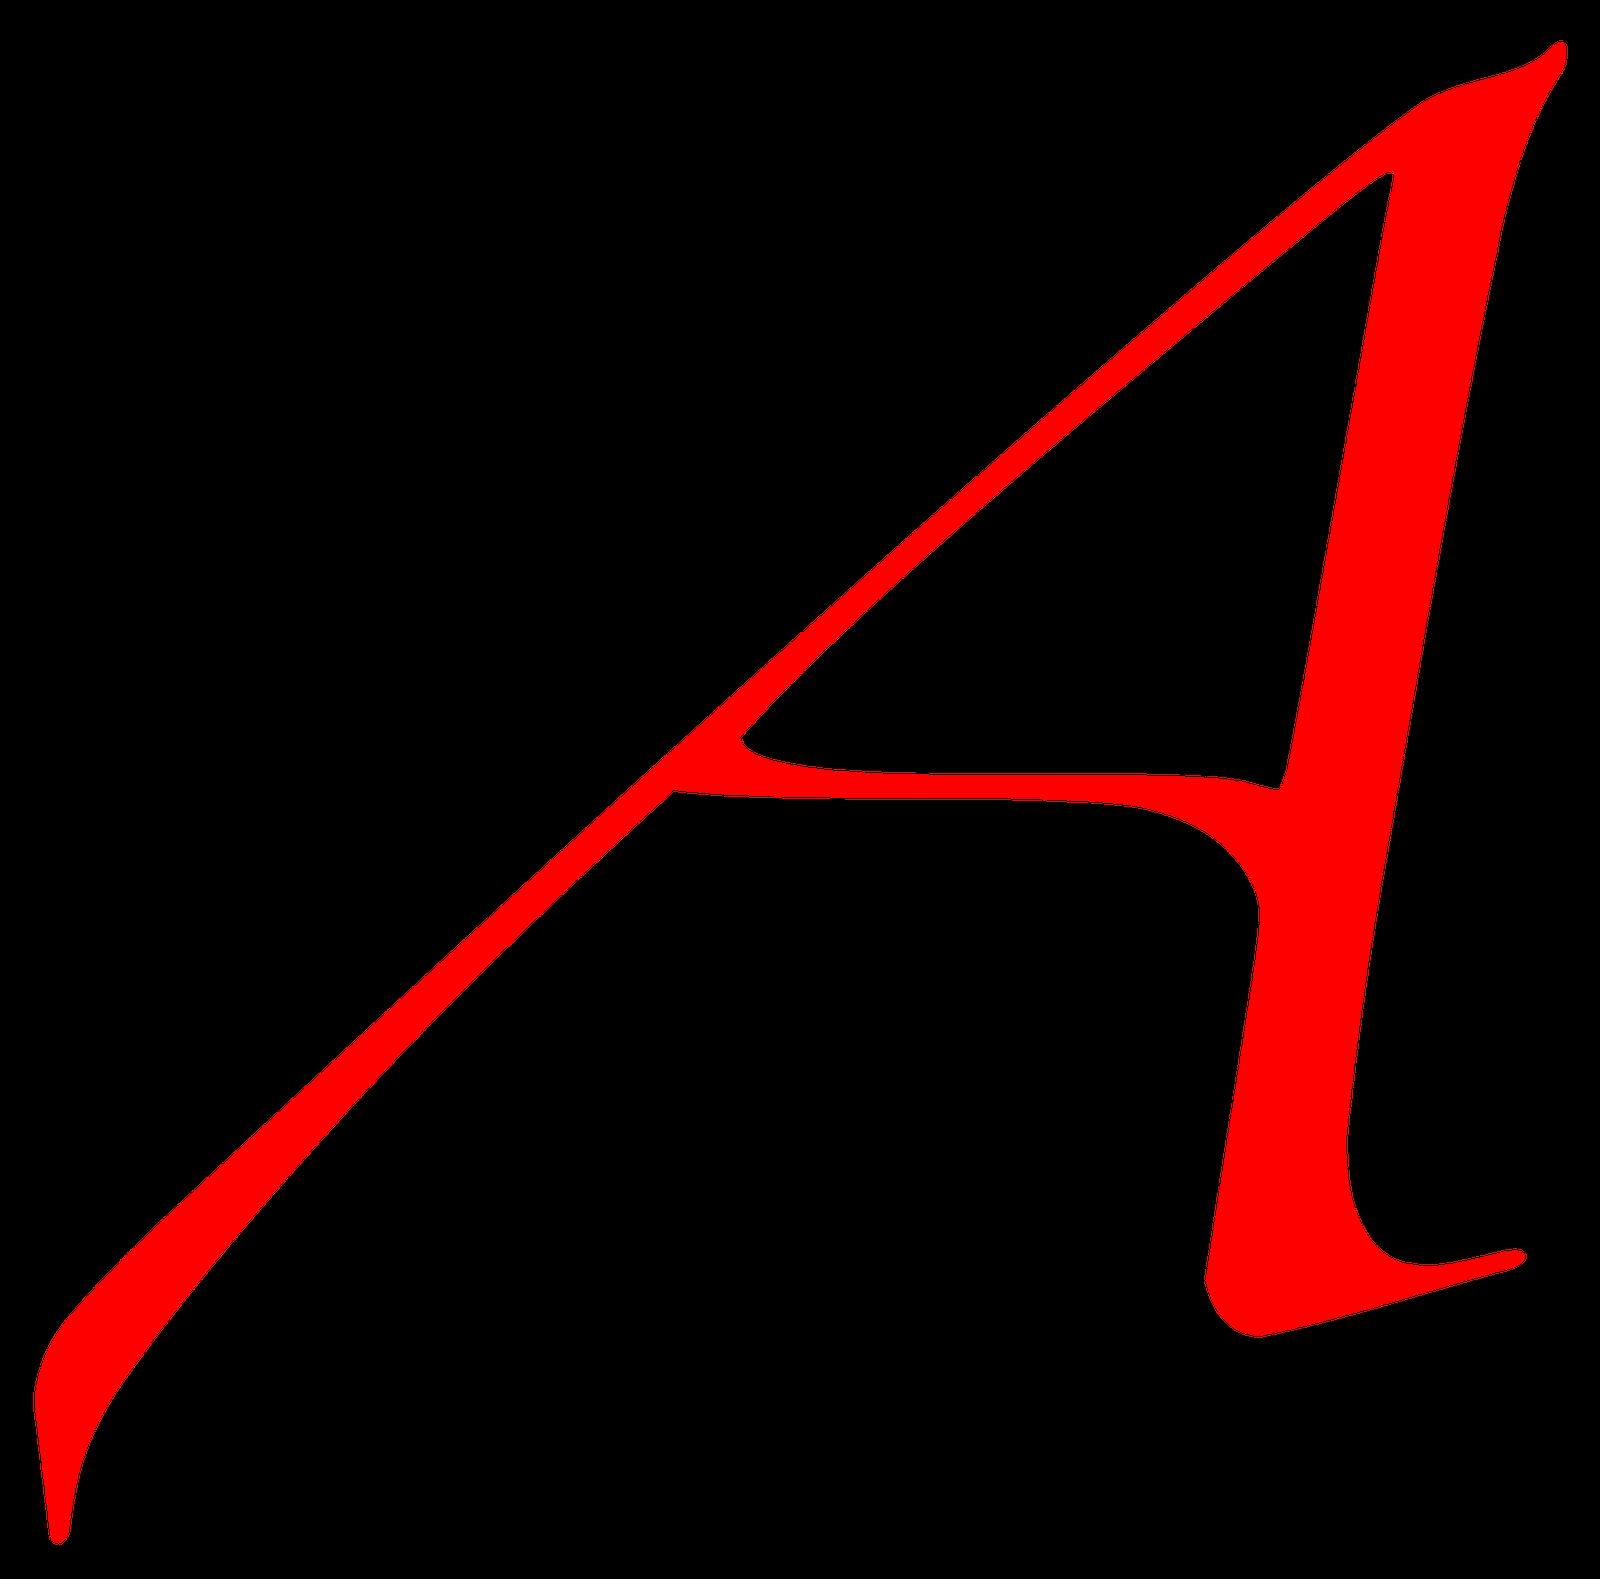 The Scarlet Letter - Symbolism